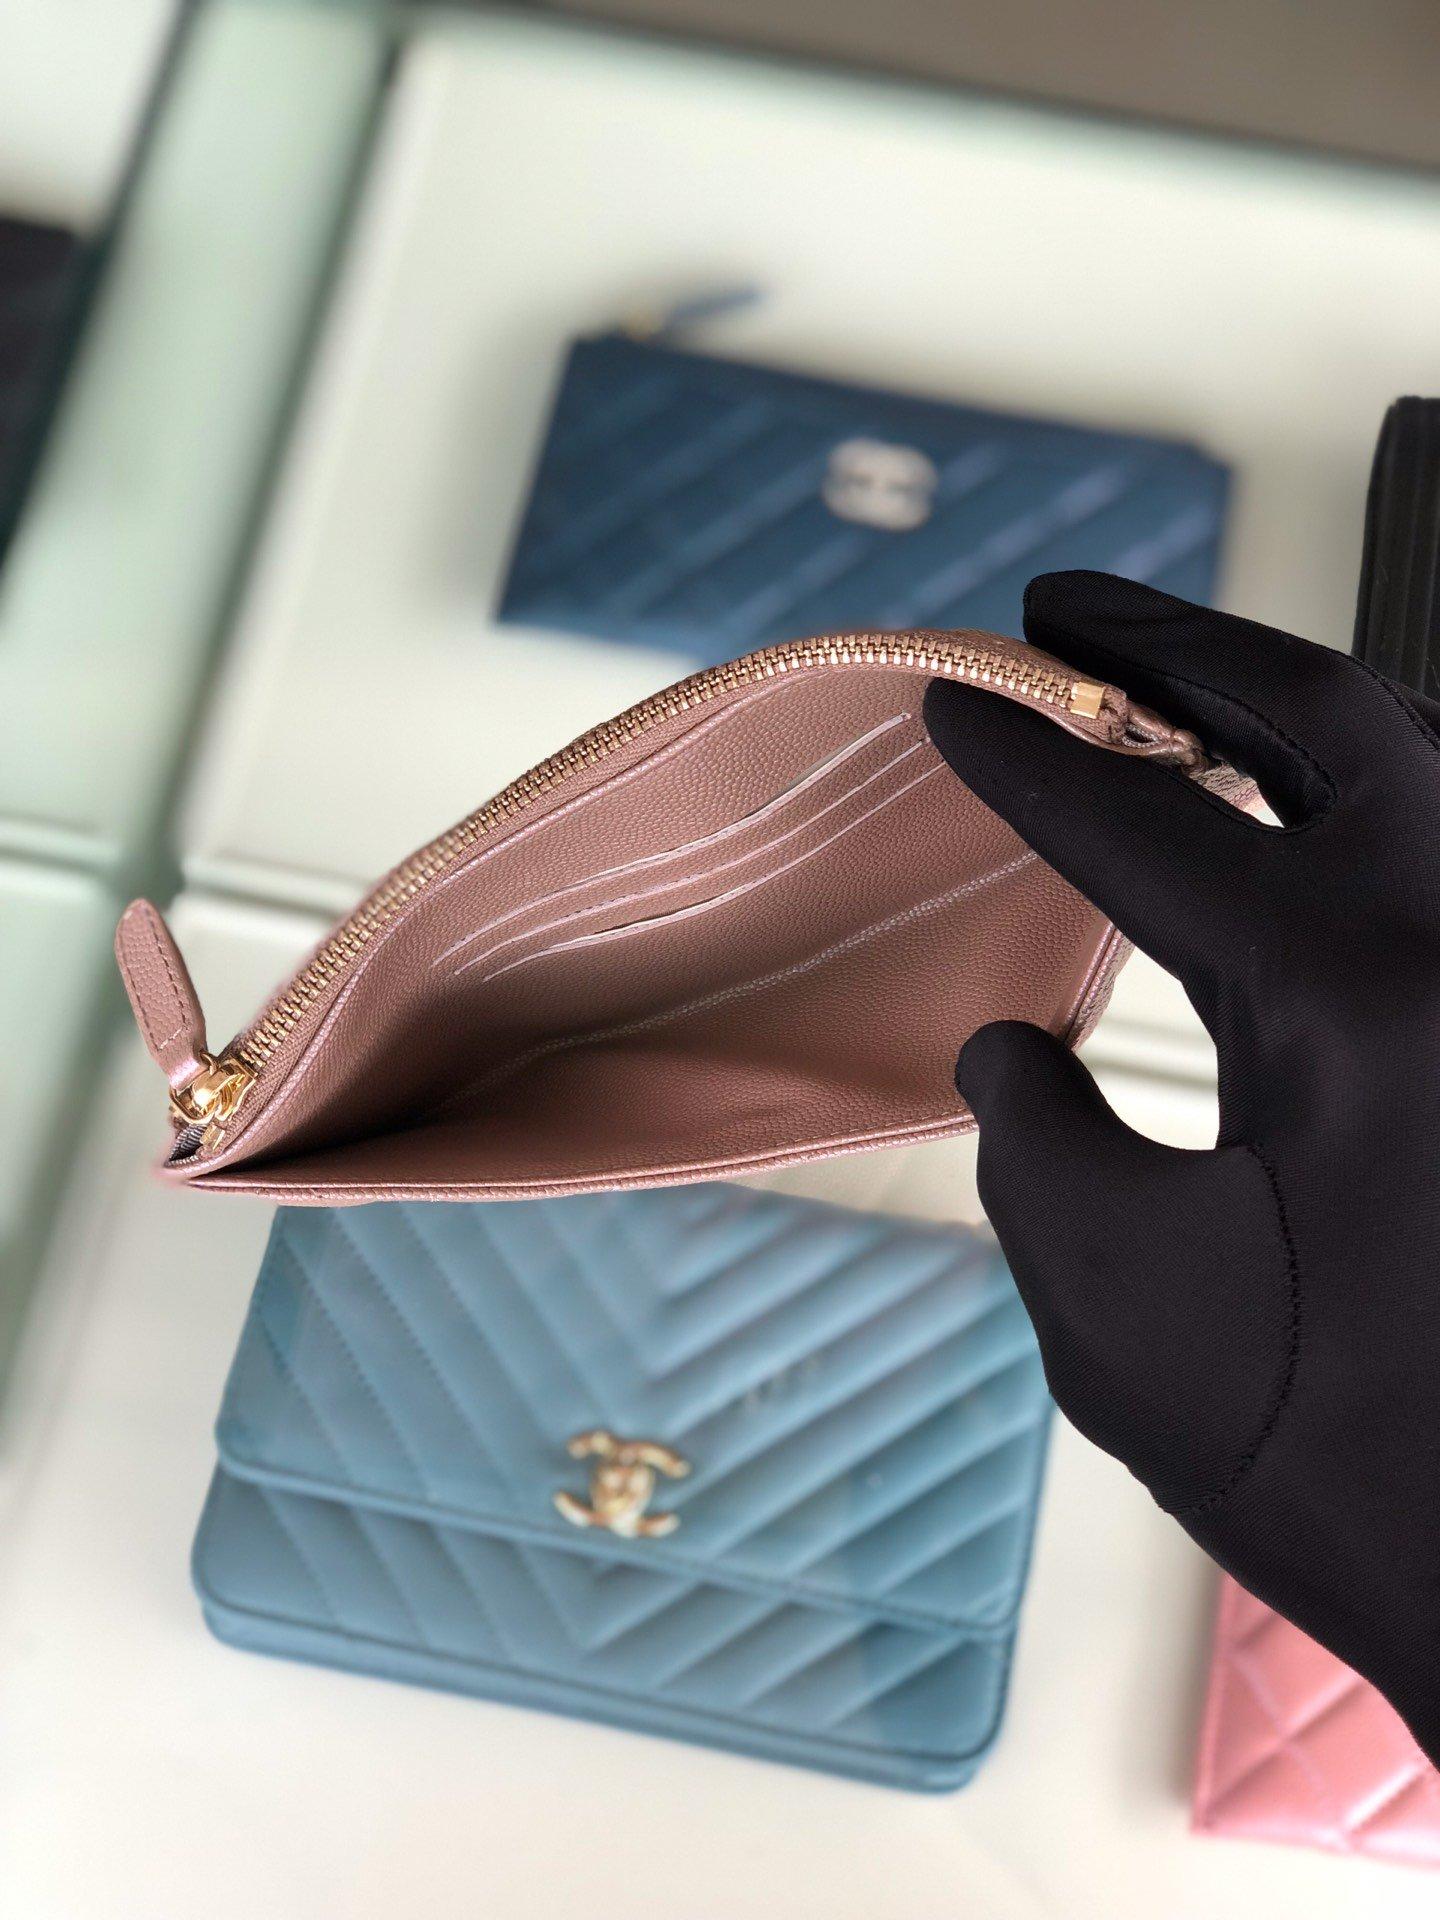 Chanel 2019最新款幻彩颗粒压花牛皮革零钱包卡包钥匙包(图5)